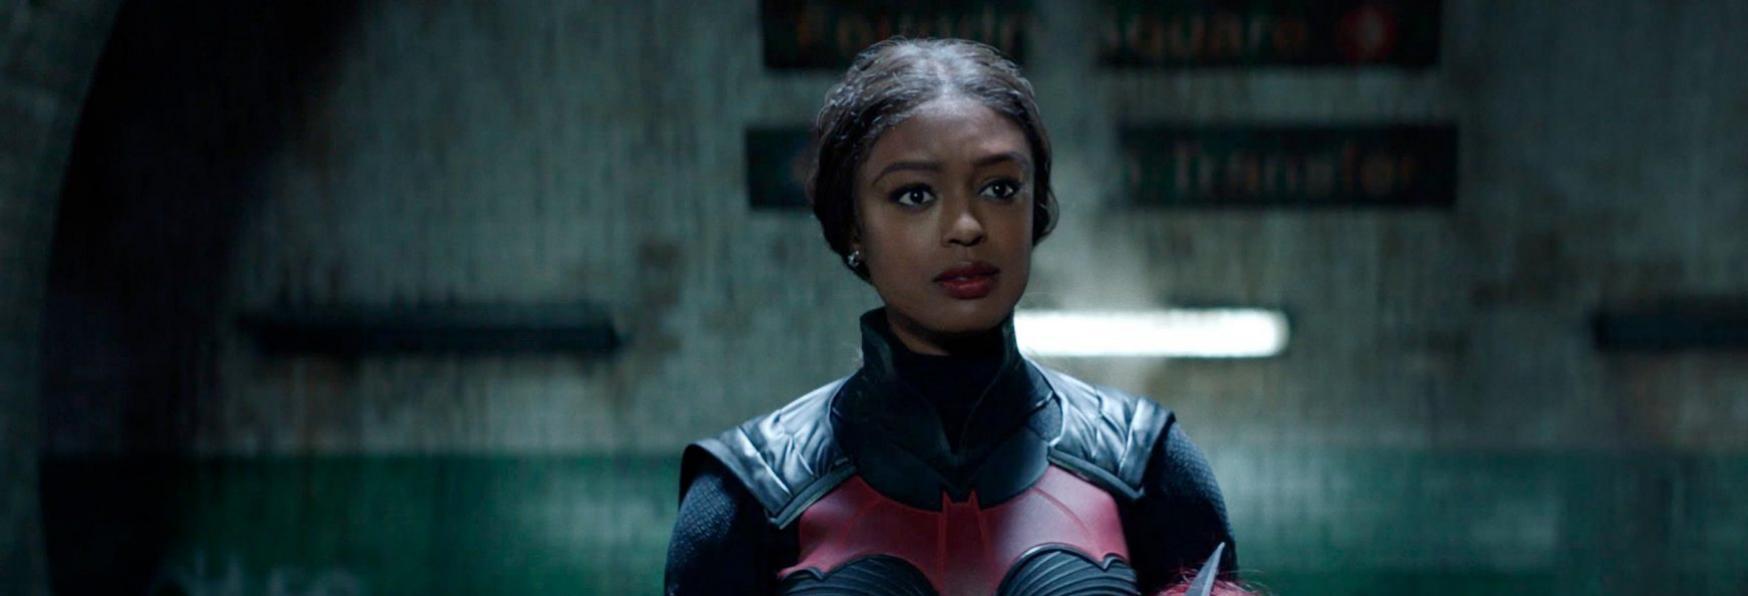 Batwoman 3: svelato il Trailer della nuova Stagione della Serie TV targata The CW